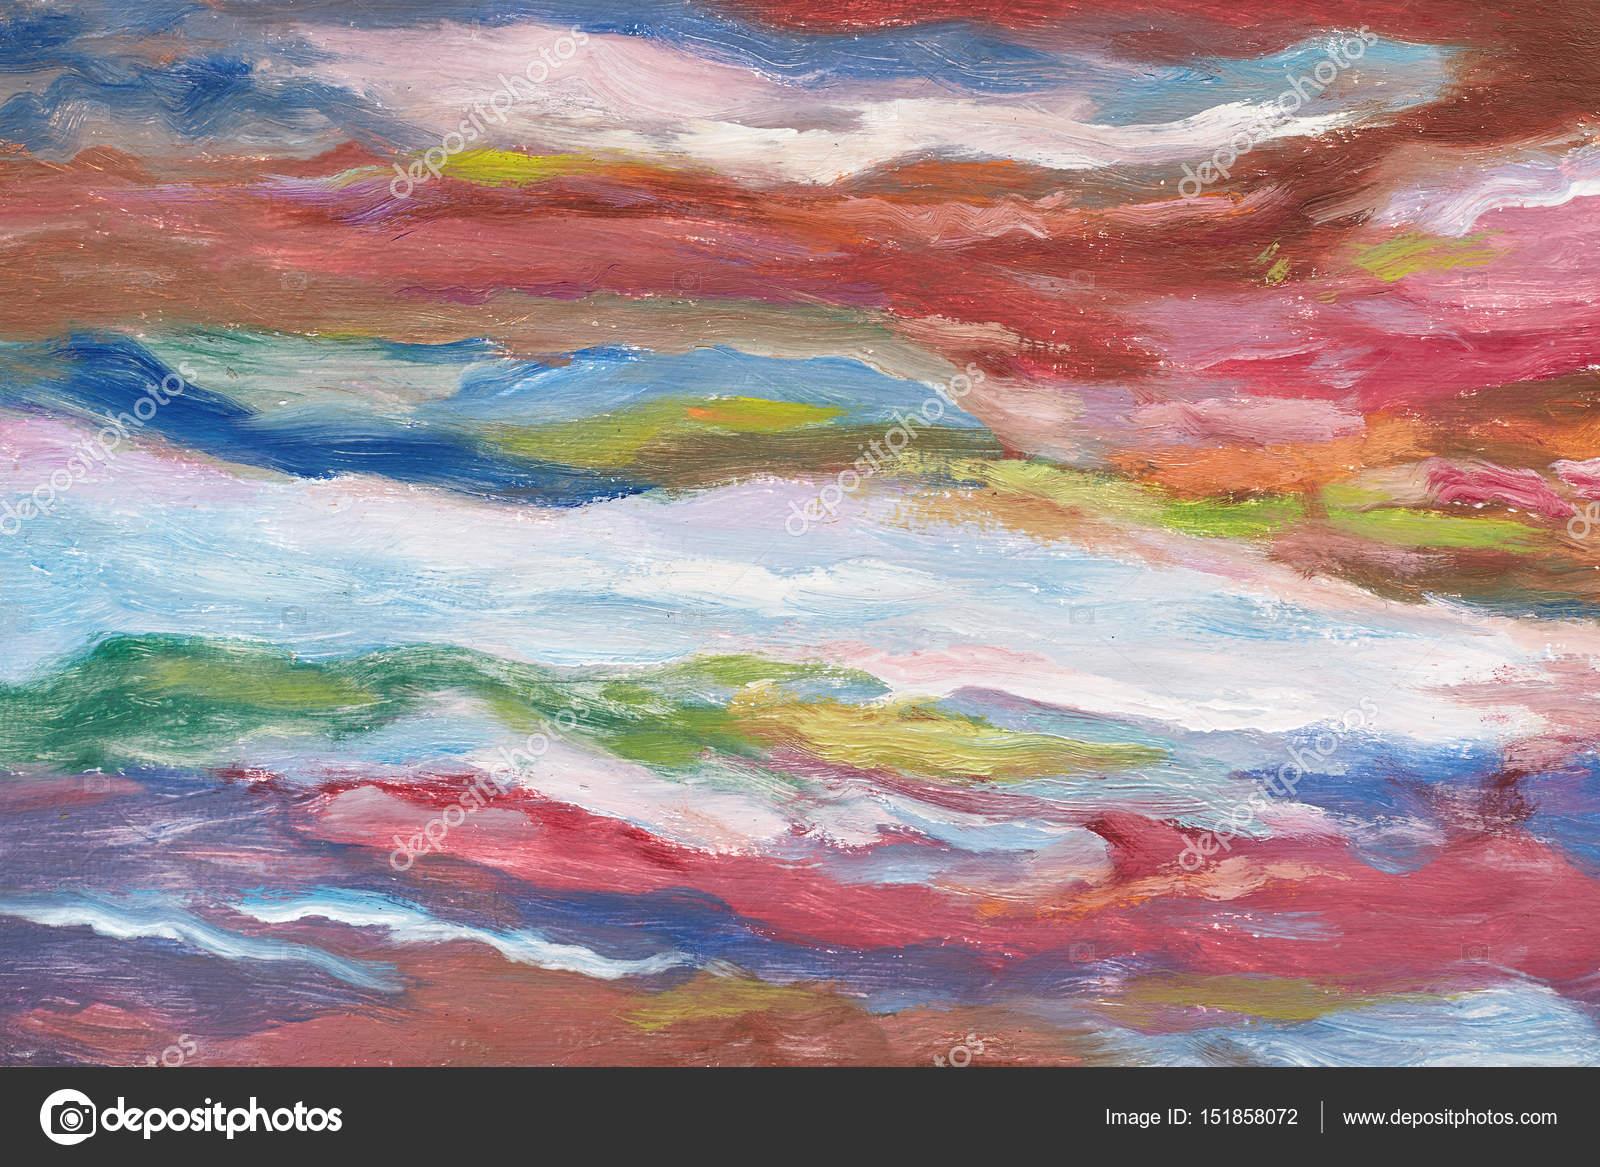 Moderne Kunst Bilder Auf Leinwand ~ Ölgemälde auf leinwand kalte farbtöne elstriche farbe